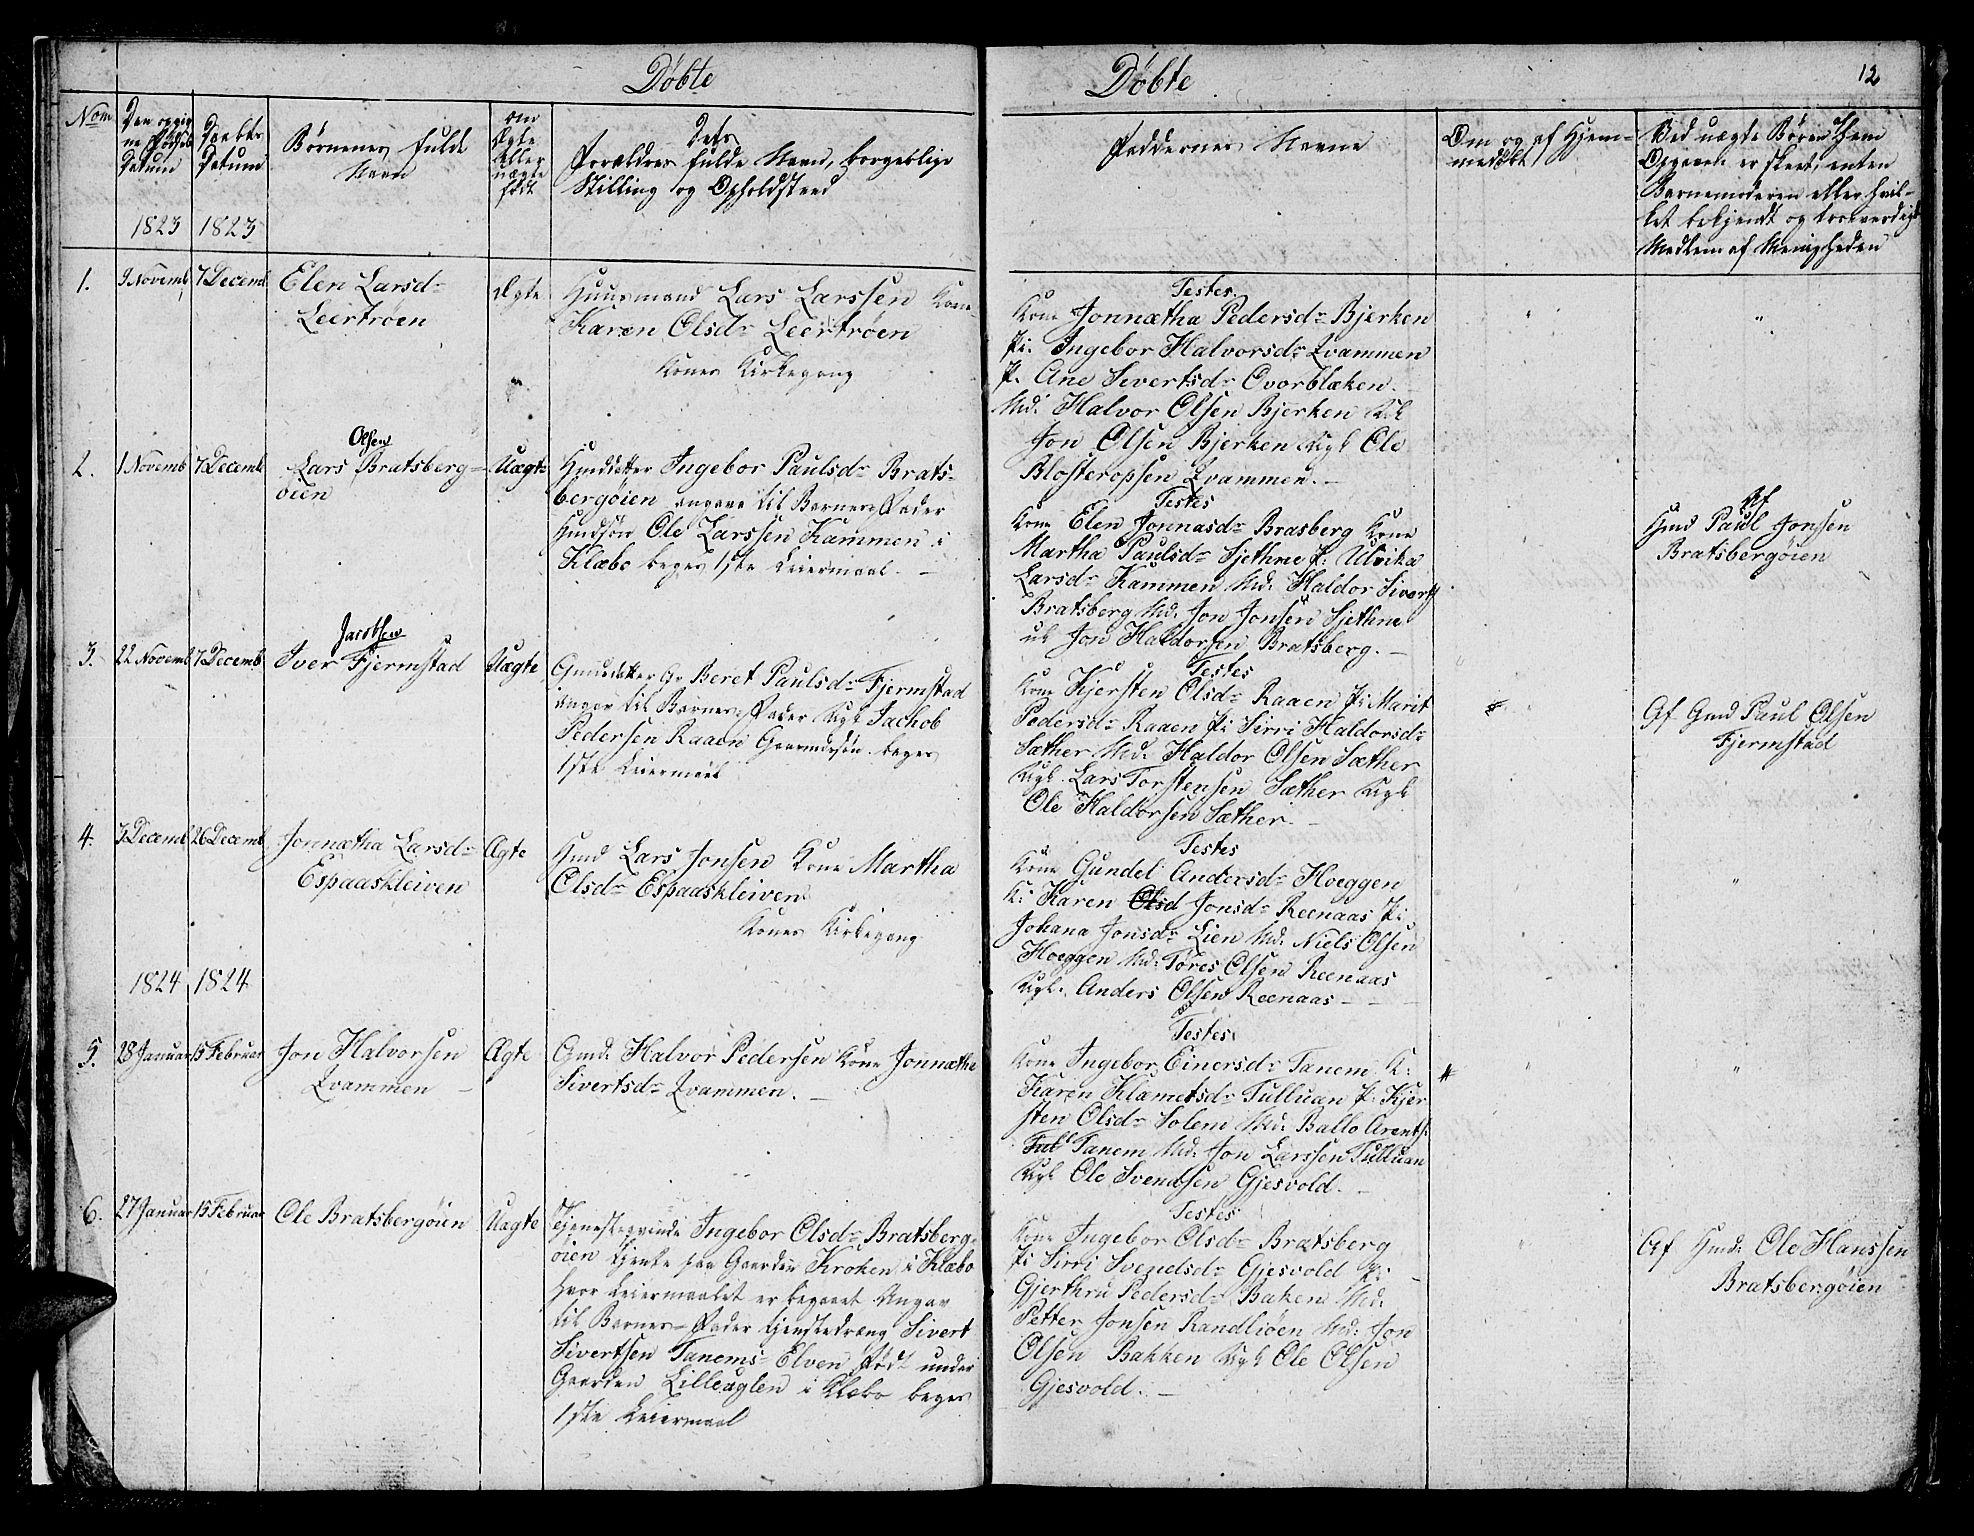 SAT, Ministerialprotokoller, klokkerbøker og fødselsregistre - Sør-Trøndelag, 608/L0337: Klokkerbok nr. 608C03, 1821-1831, s. 12